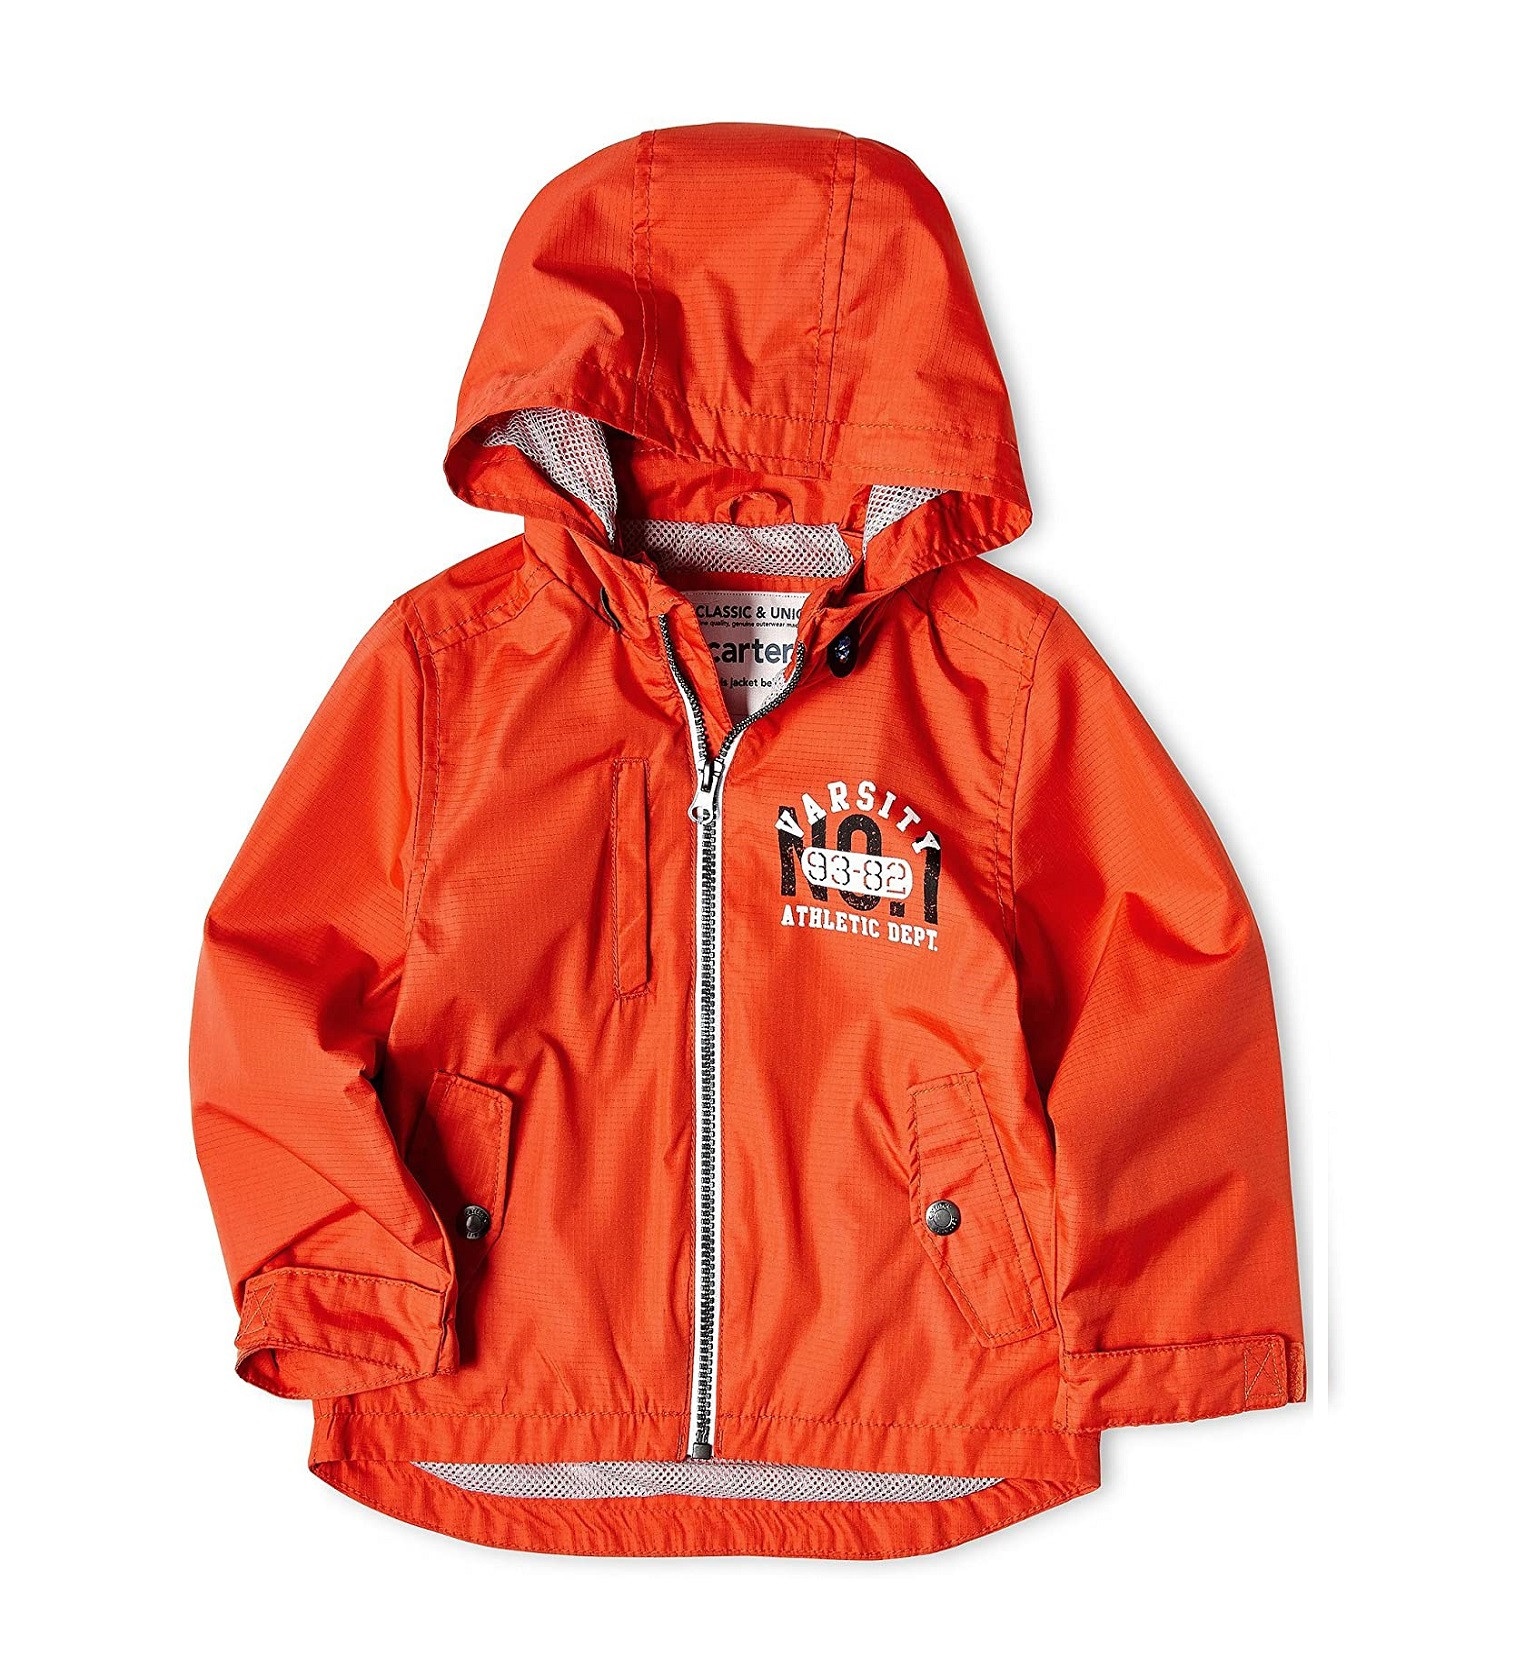 Купити Вітрівка Carters Orange - фото 1